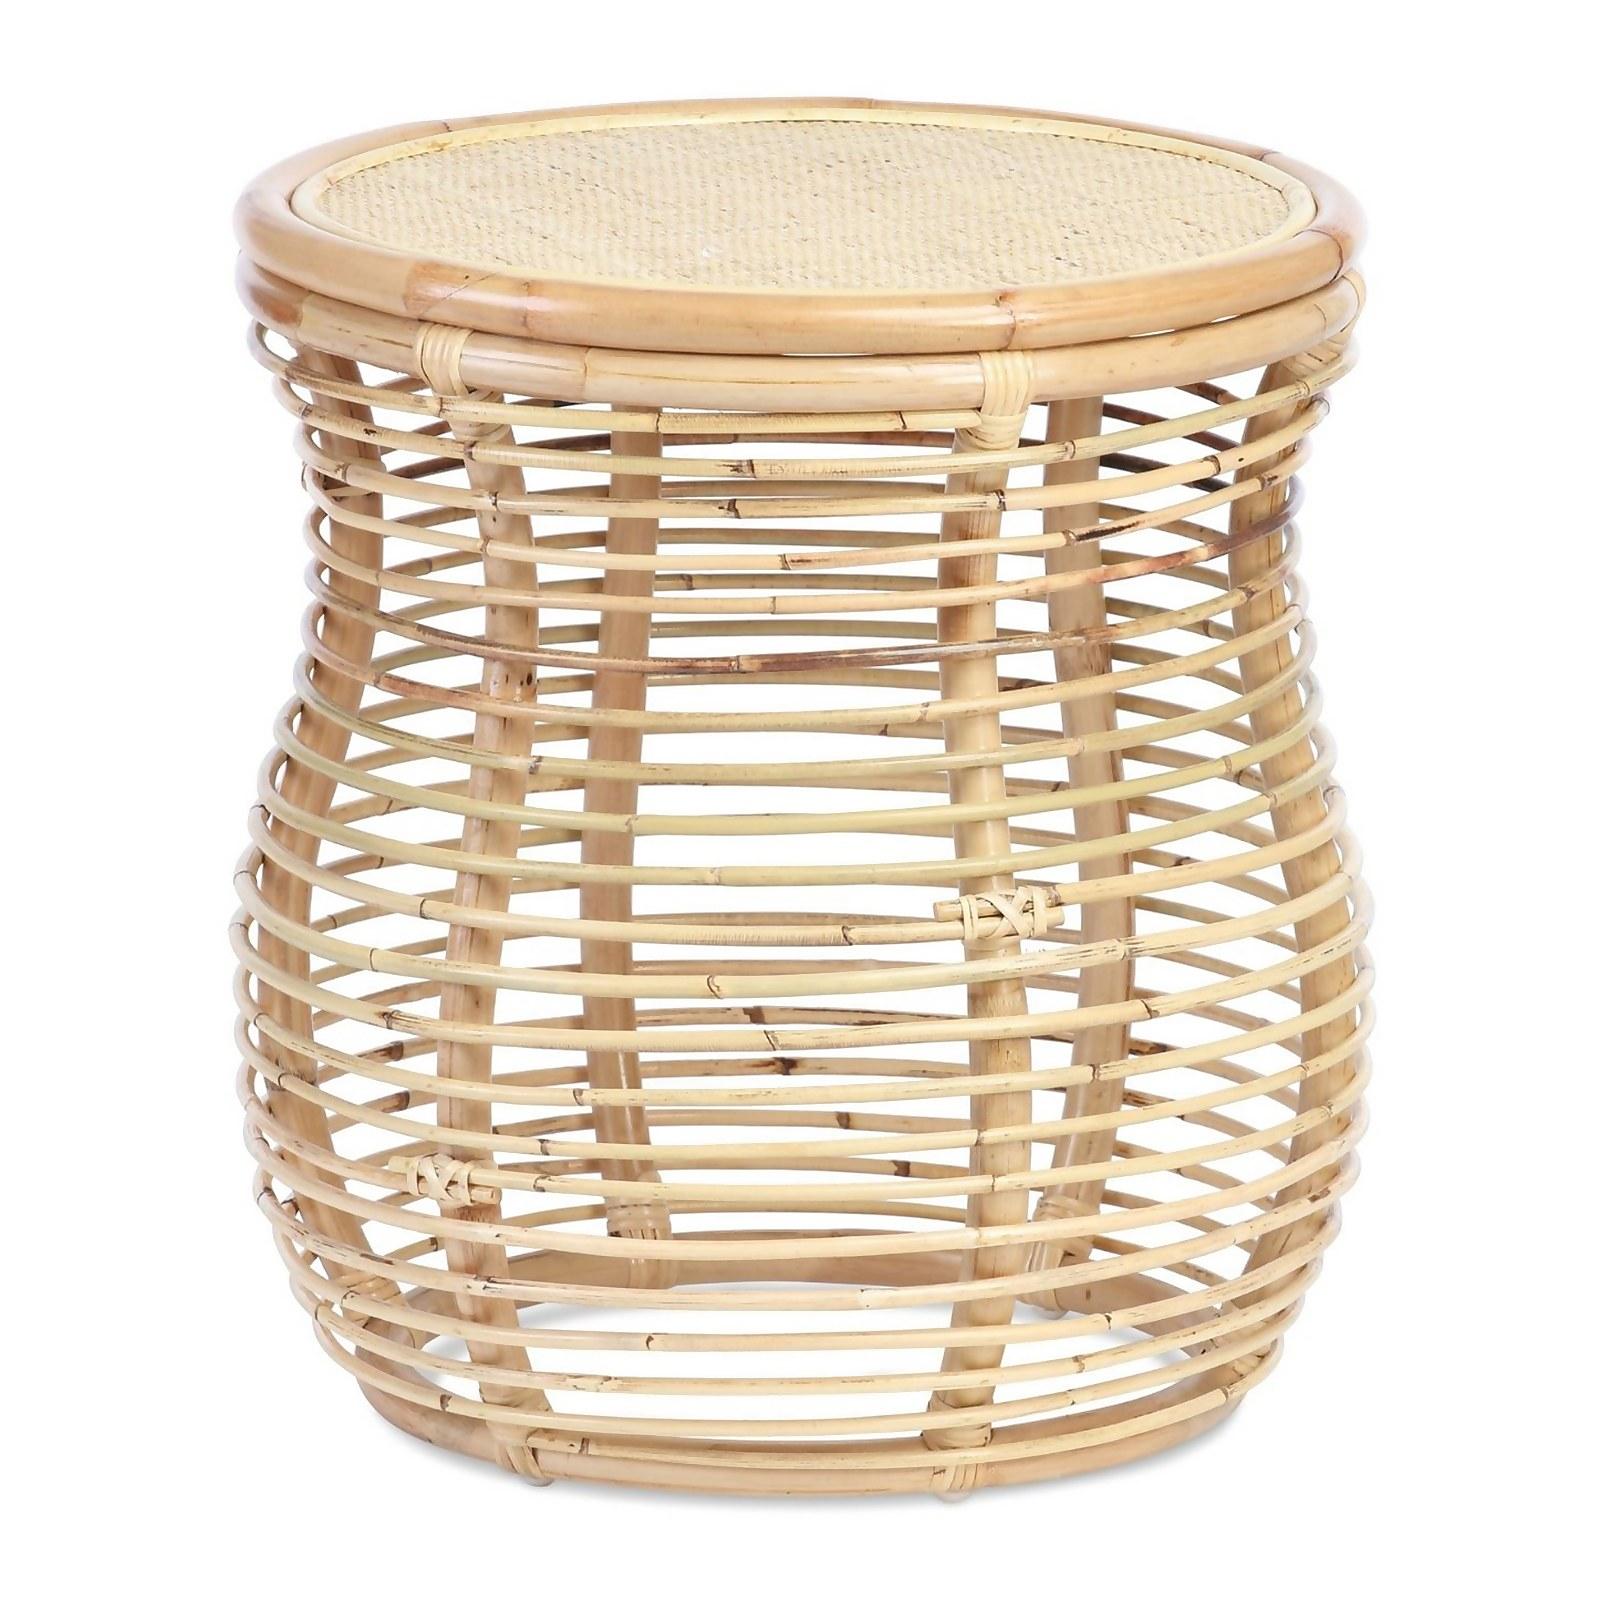 Royal Rattan Lamp Table in Natural